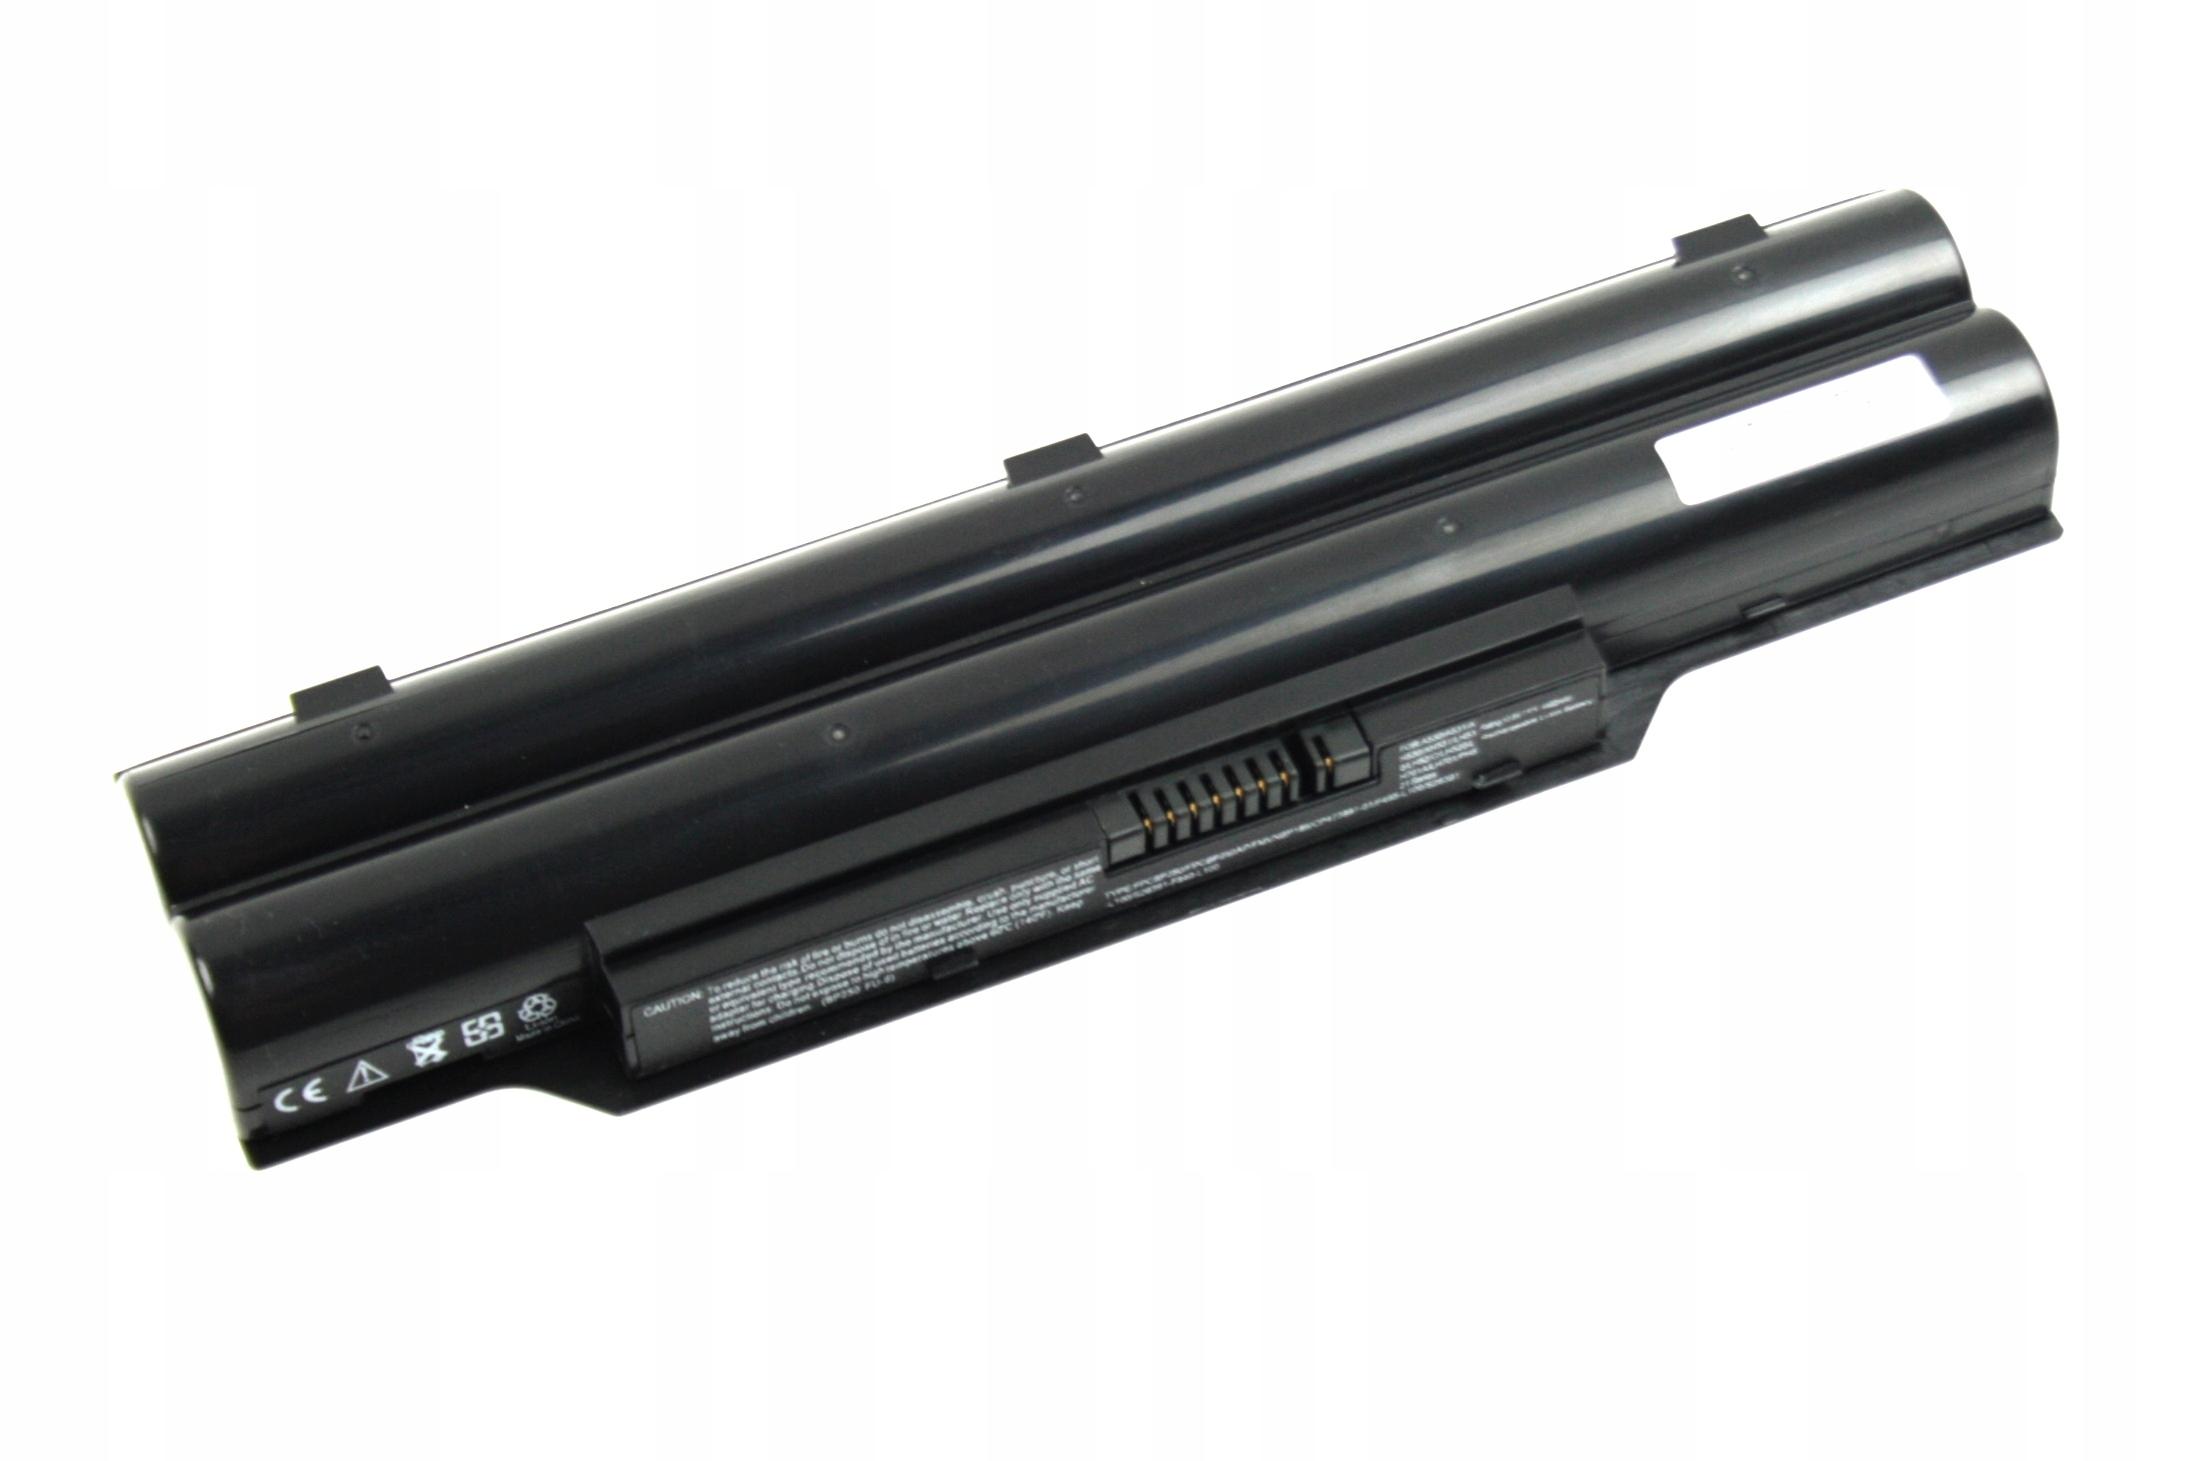 BATERIA AKUMULATOR FUJITSU LIFEBOOK A530 AH531 LH530 FPCBP250 - Baterie do laptopów